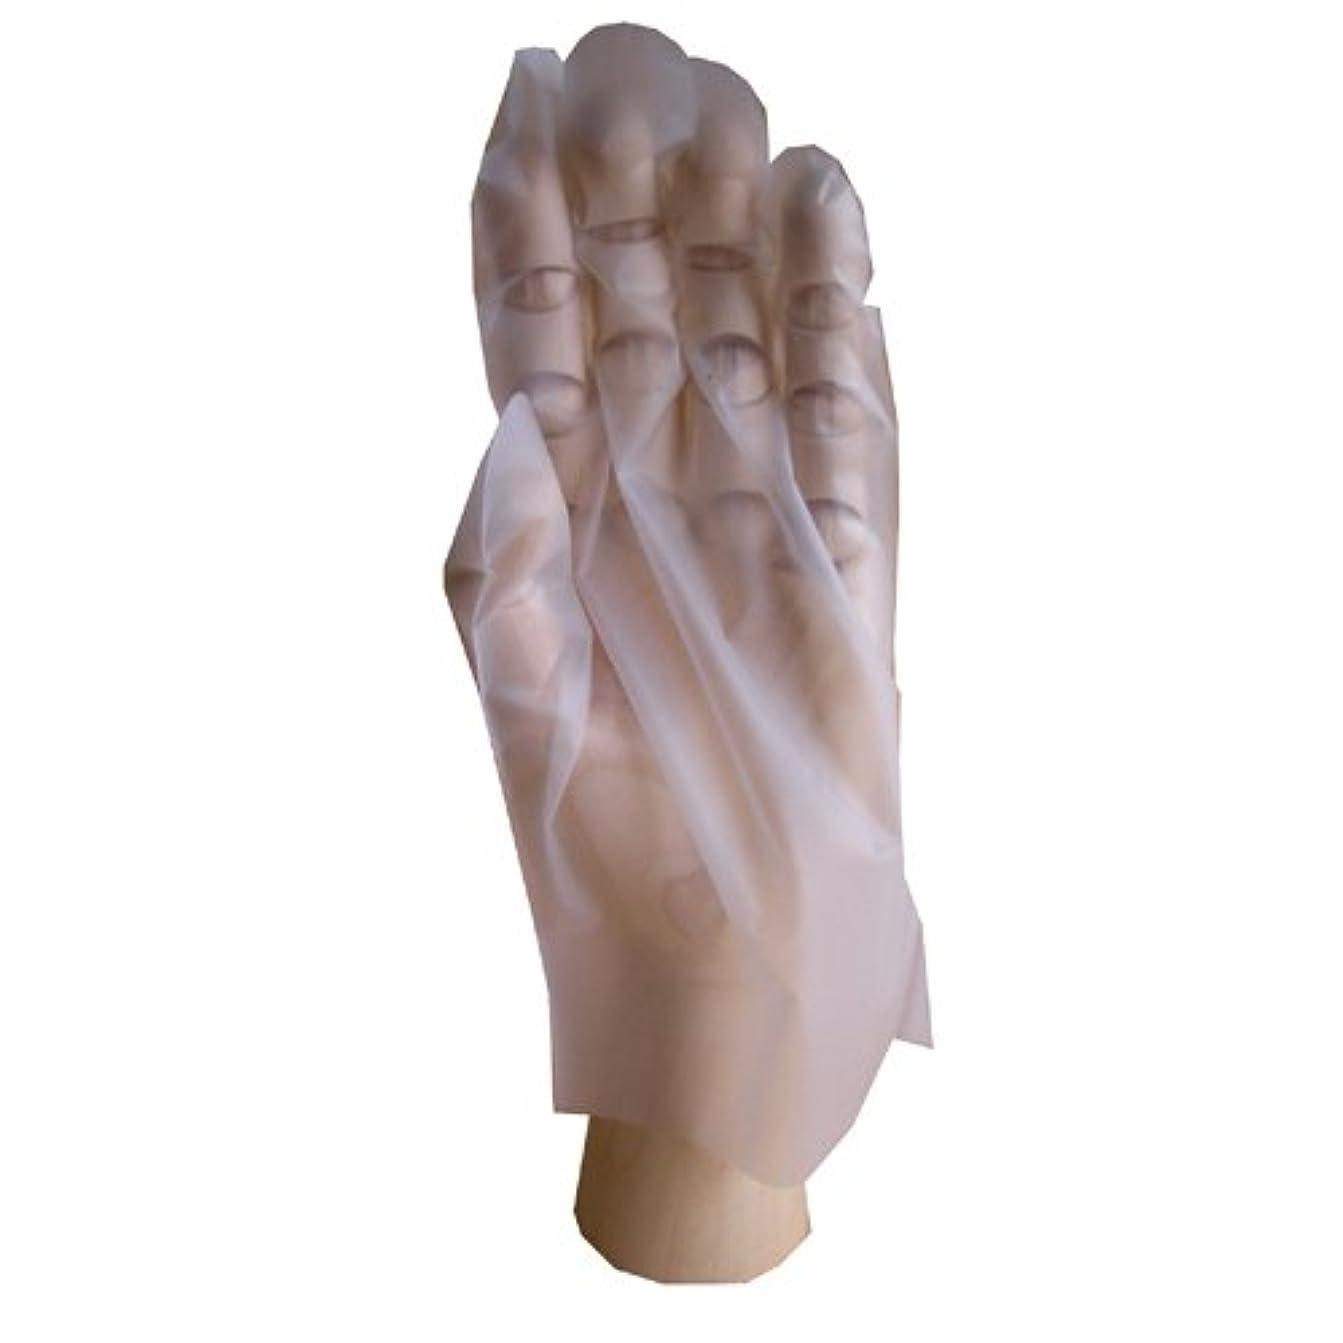 ミサイル政権波紋中部物産貿易 ヘアカラー用手袋 Mサイズ*10枚入 4535017403477